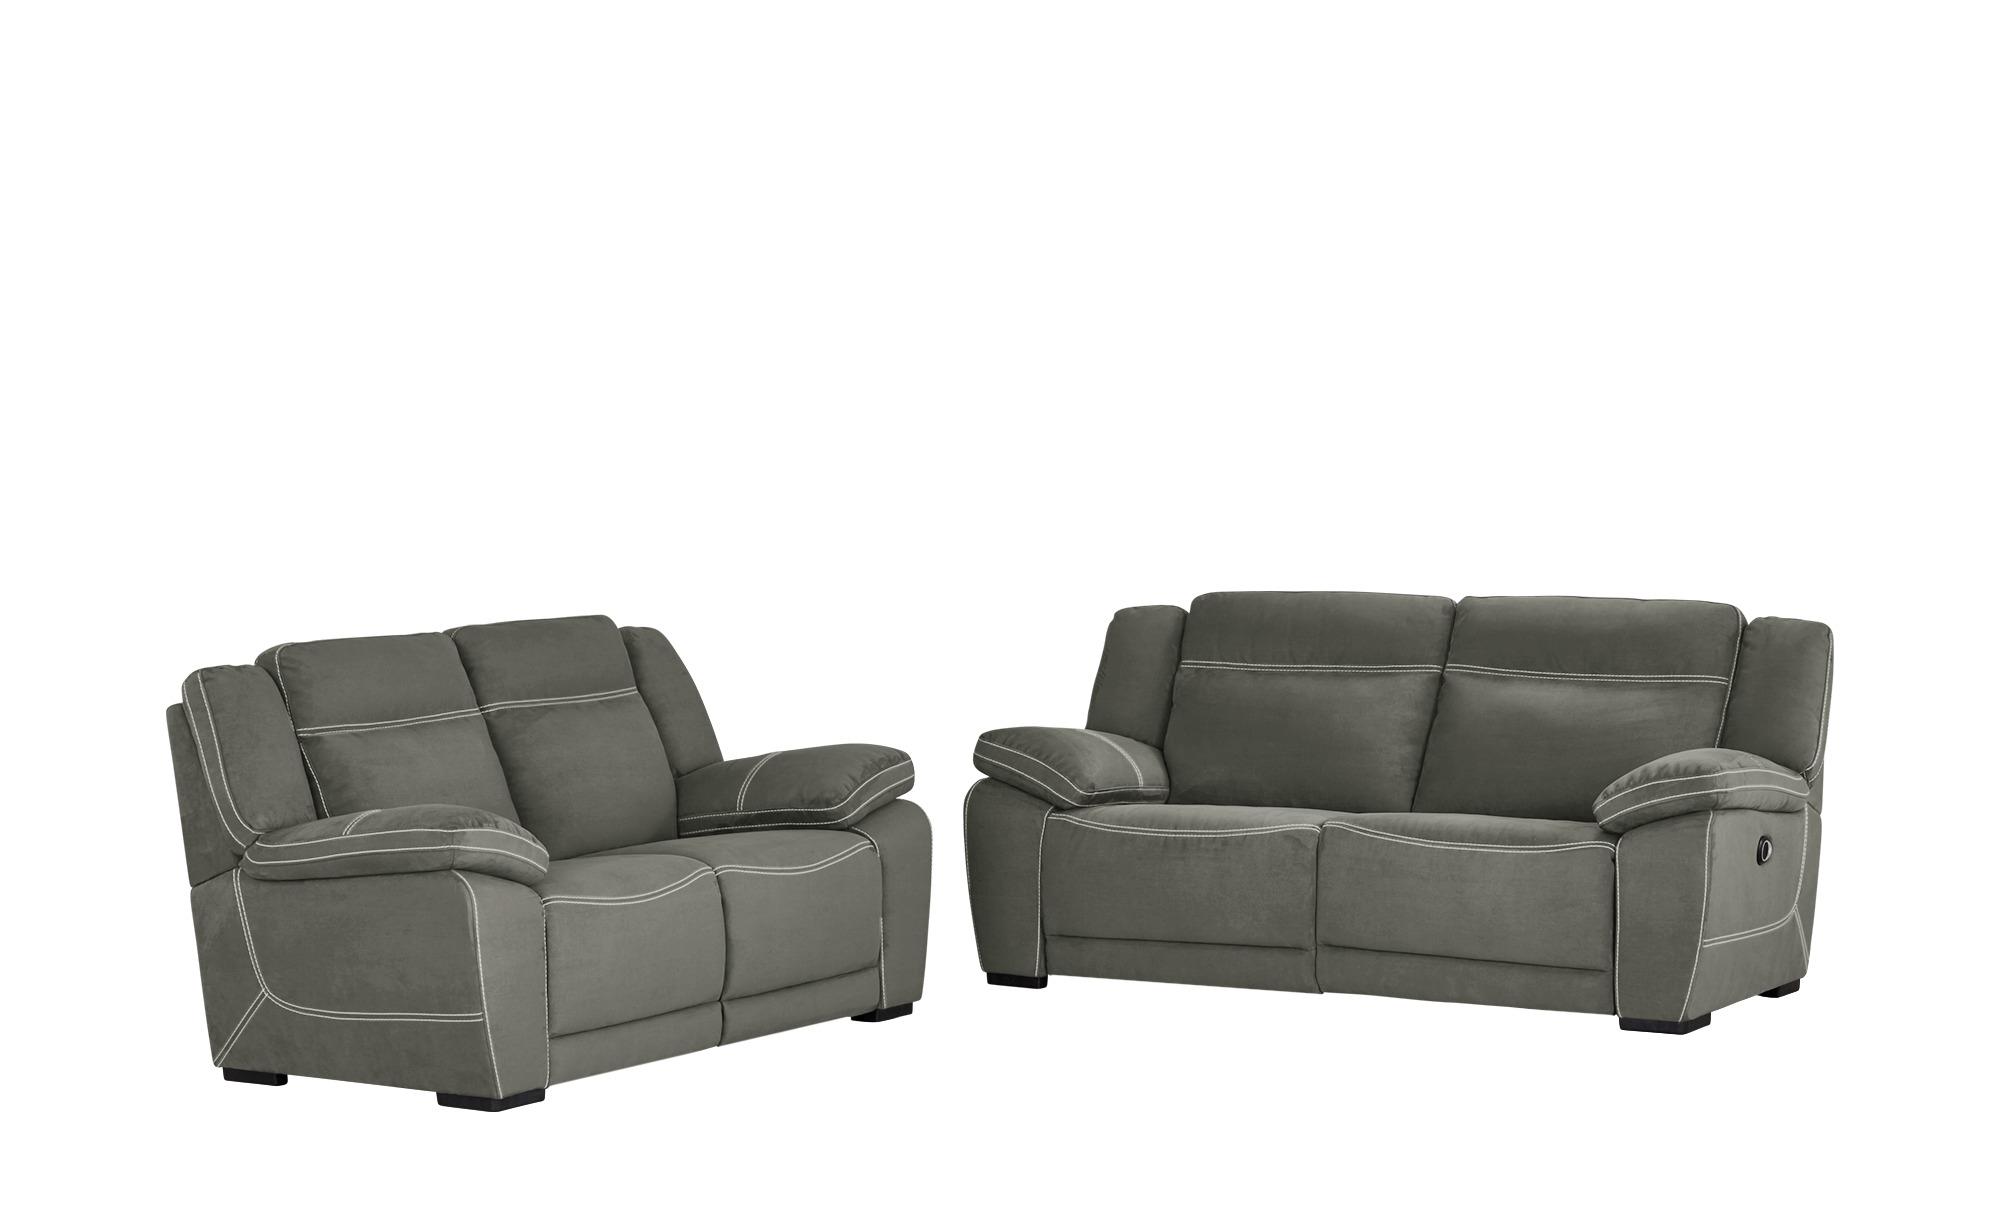 uno Sitzgruppe   Binta ¦ grau ¦ Maße (cm): H: 94 T: 95 Polstermöbel > Sofas > Sitzgruppen - Höffner